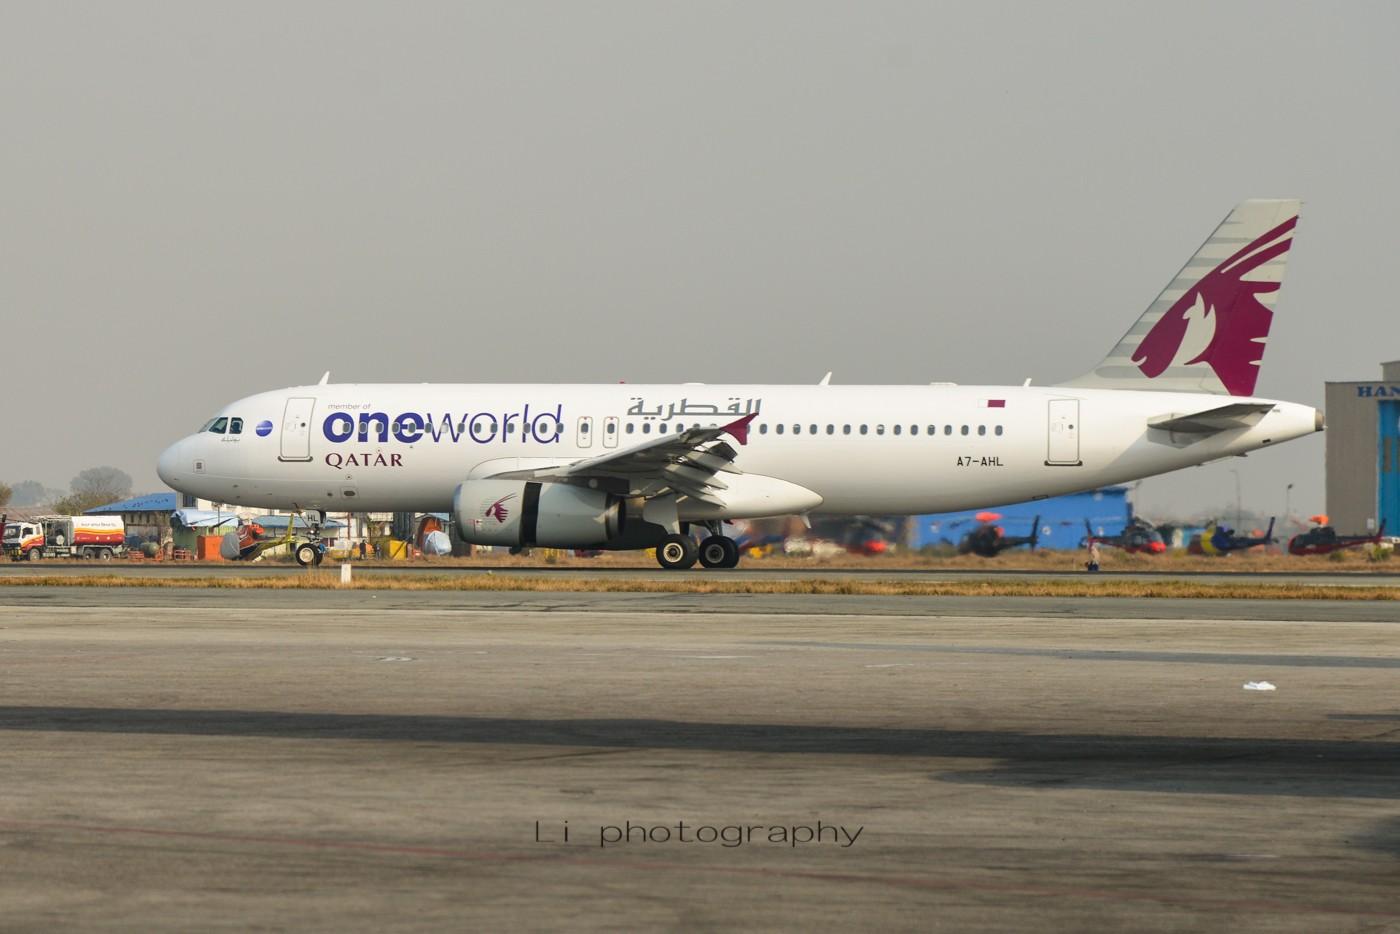 Re:[原创]尼泊尔拍机第一发——加德满都布里特万机场,各种奇货乱入~ AIRBUS A320-200 A7-AHL 尼泊尔加德满都机场